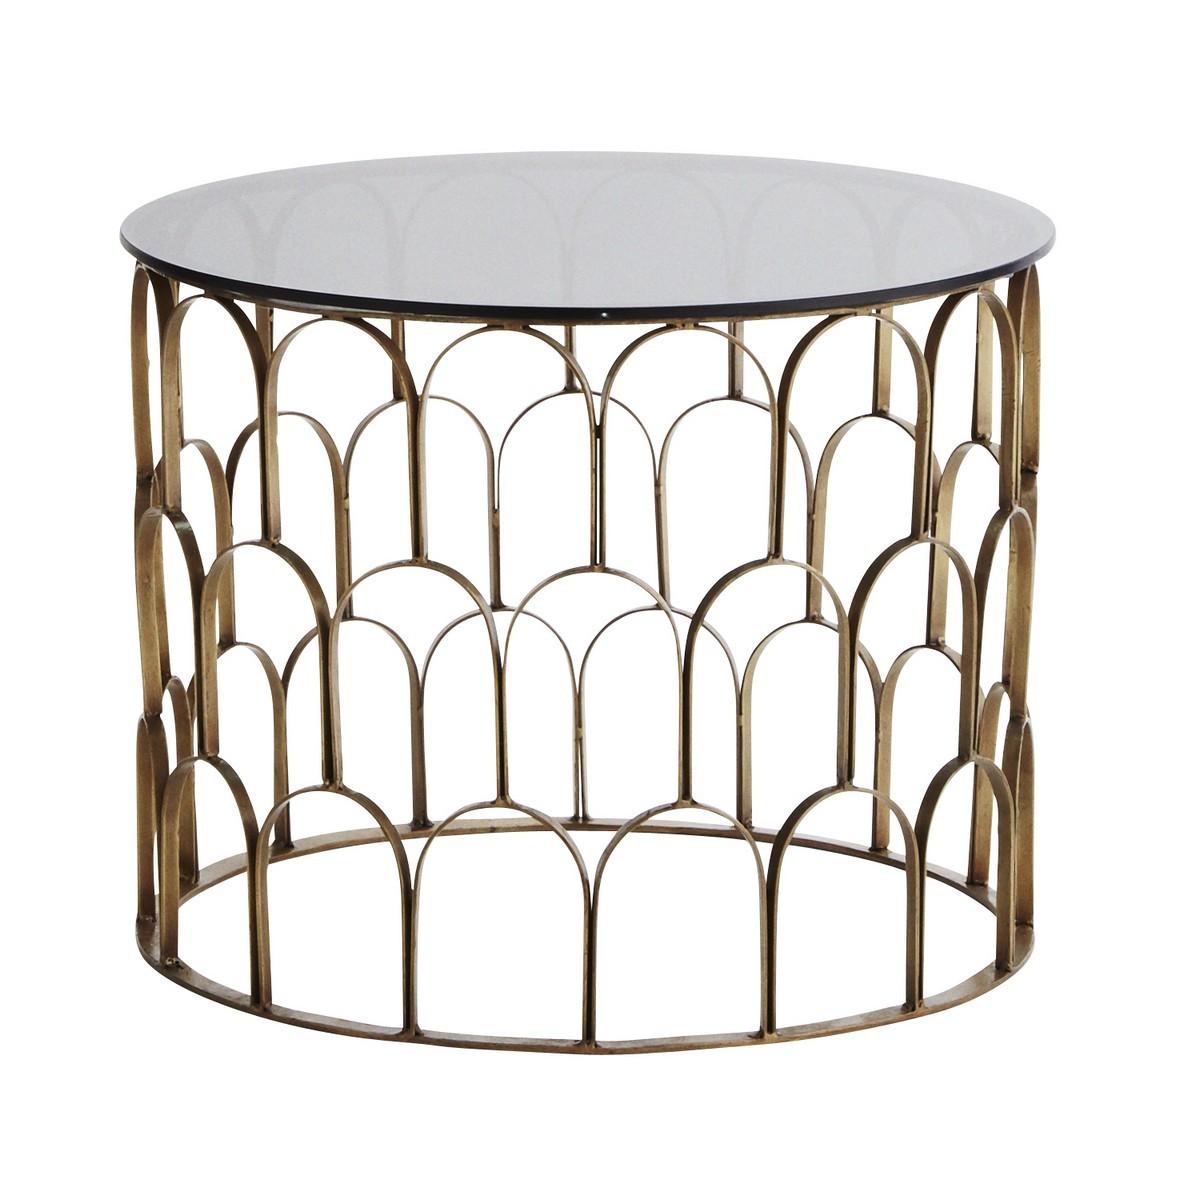 Table Basse Ronde Art Deco table basse ronde laiton antique art deco verre noir madam stoltz - kdesign